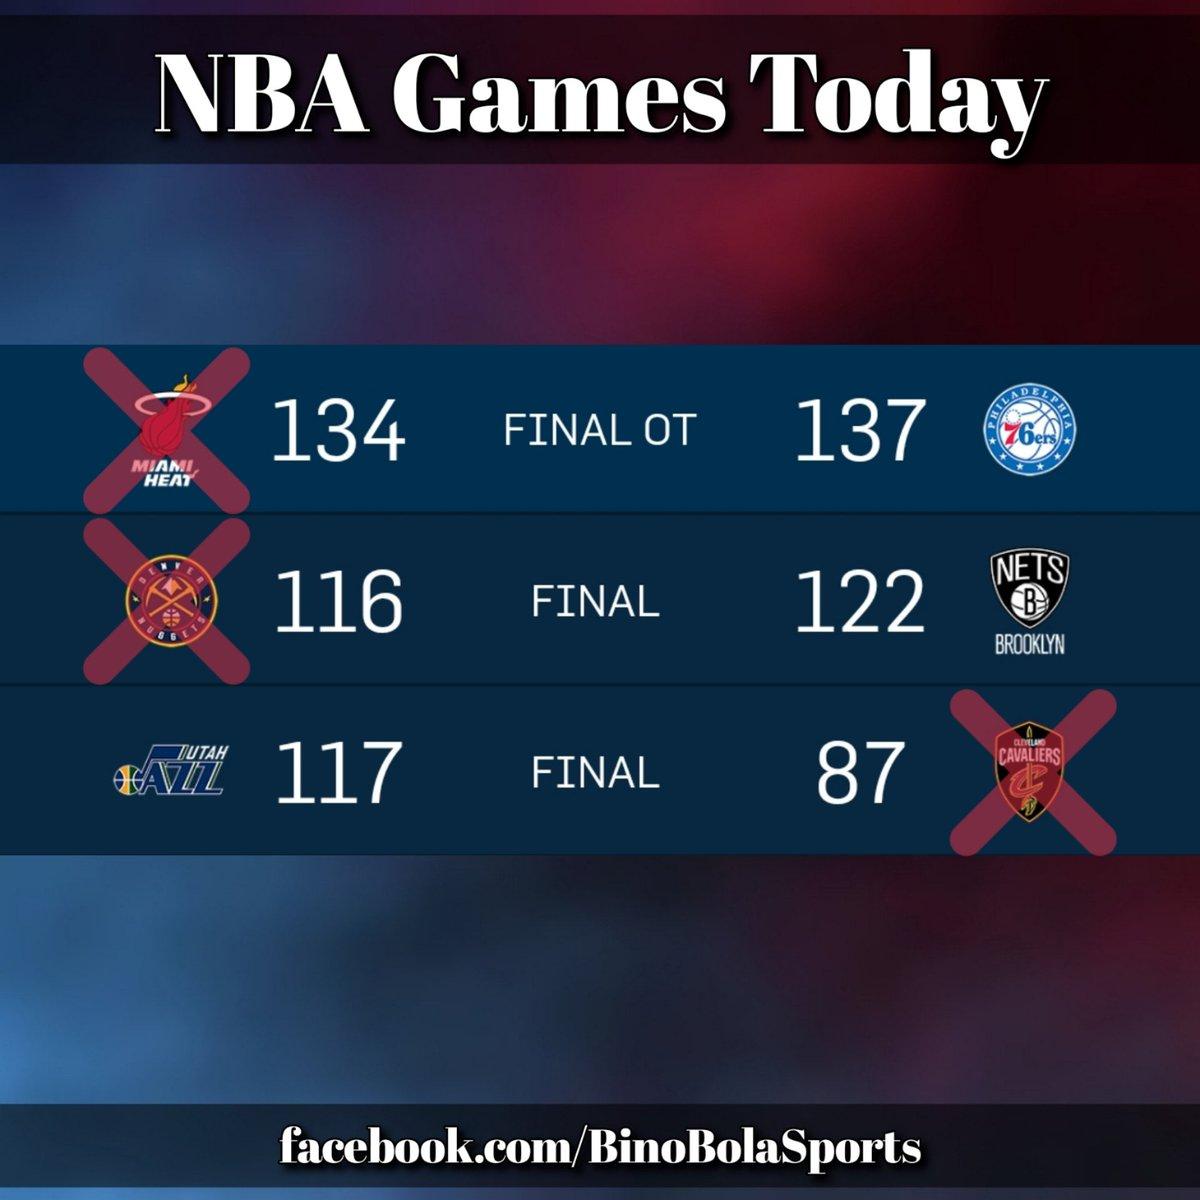 NBA games today! #RegularSeason #Day21 #BinoBolaSports #Scores